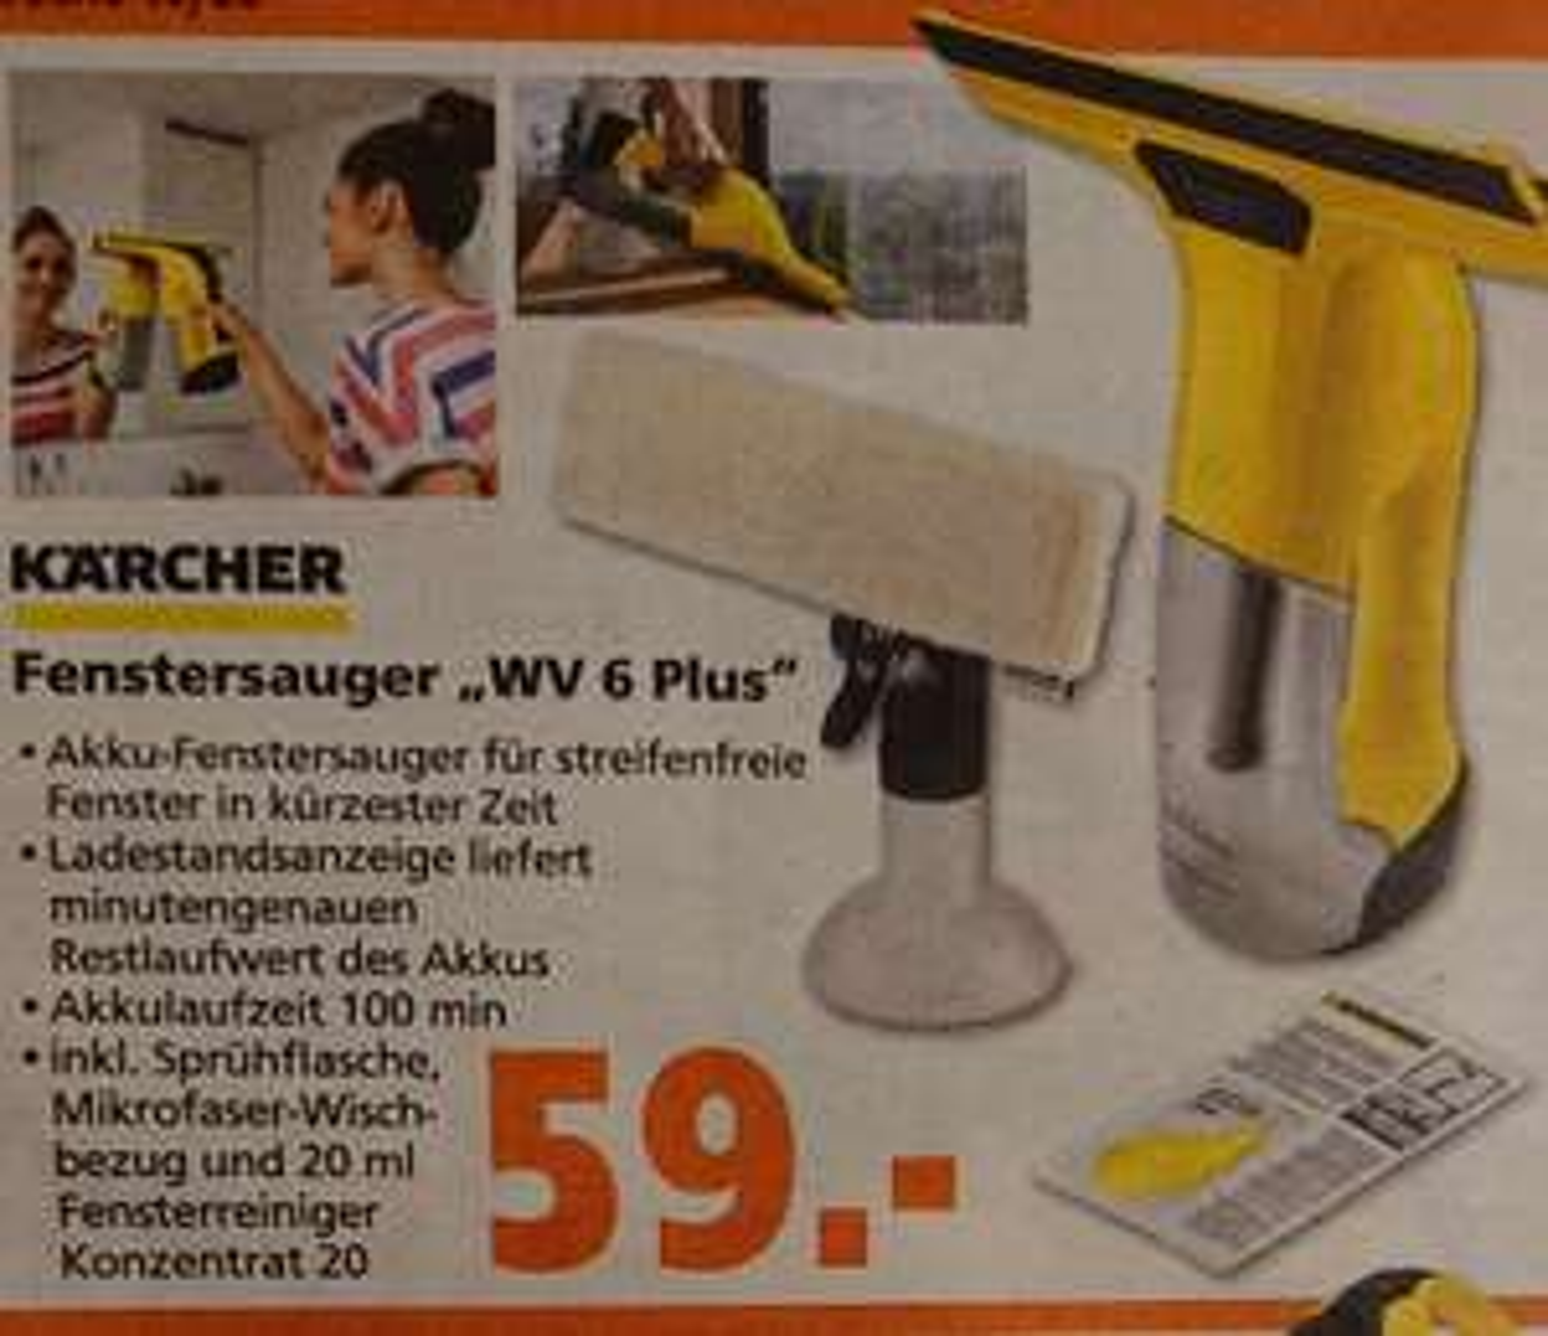 Kärcher WV 6 Plus TPG Hornbach Bestpreis